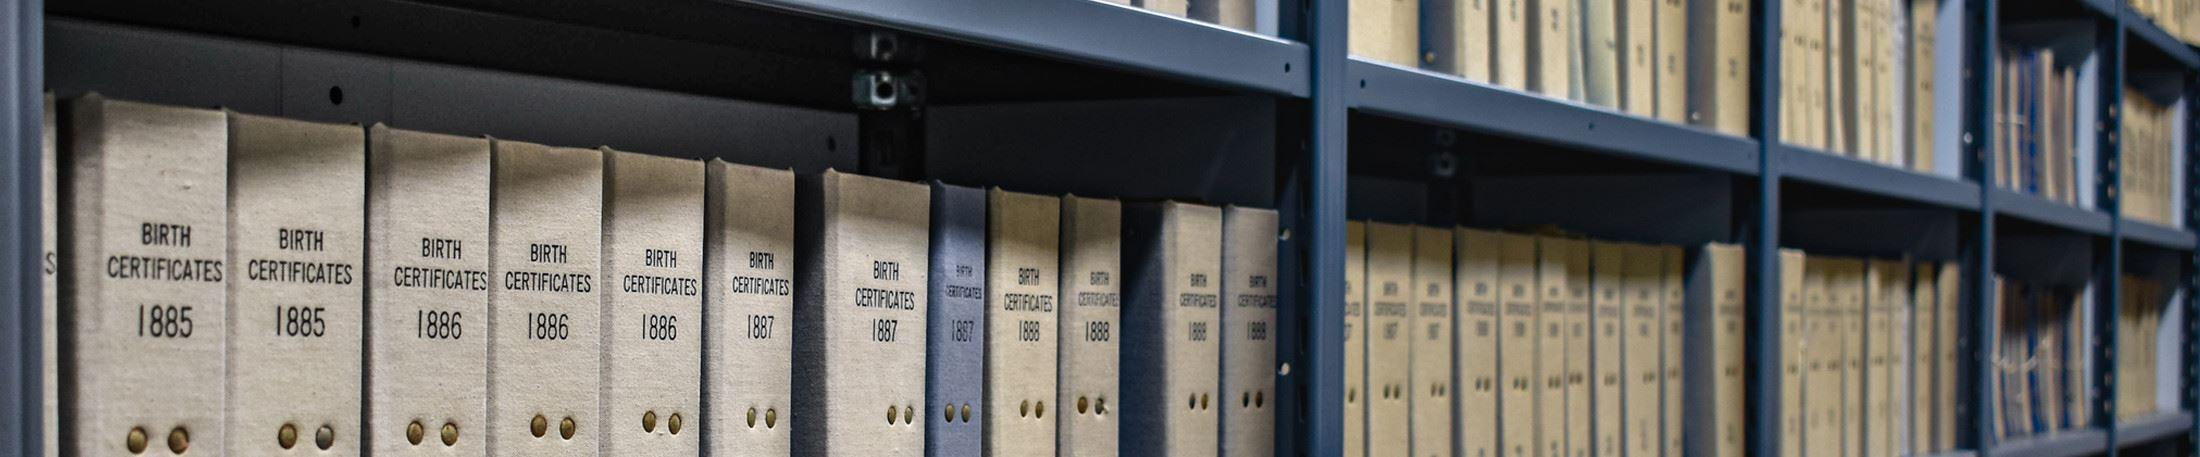 Birth Records Peoria County Il